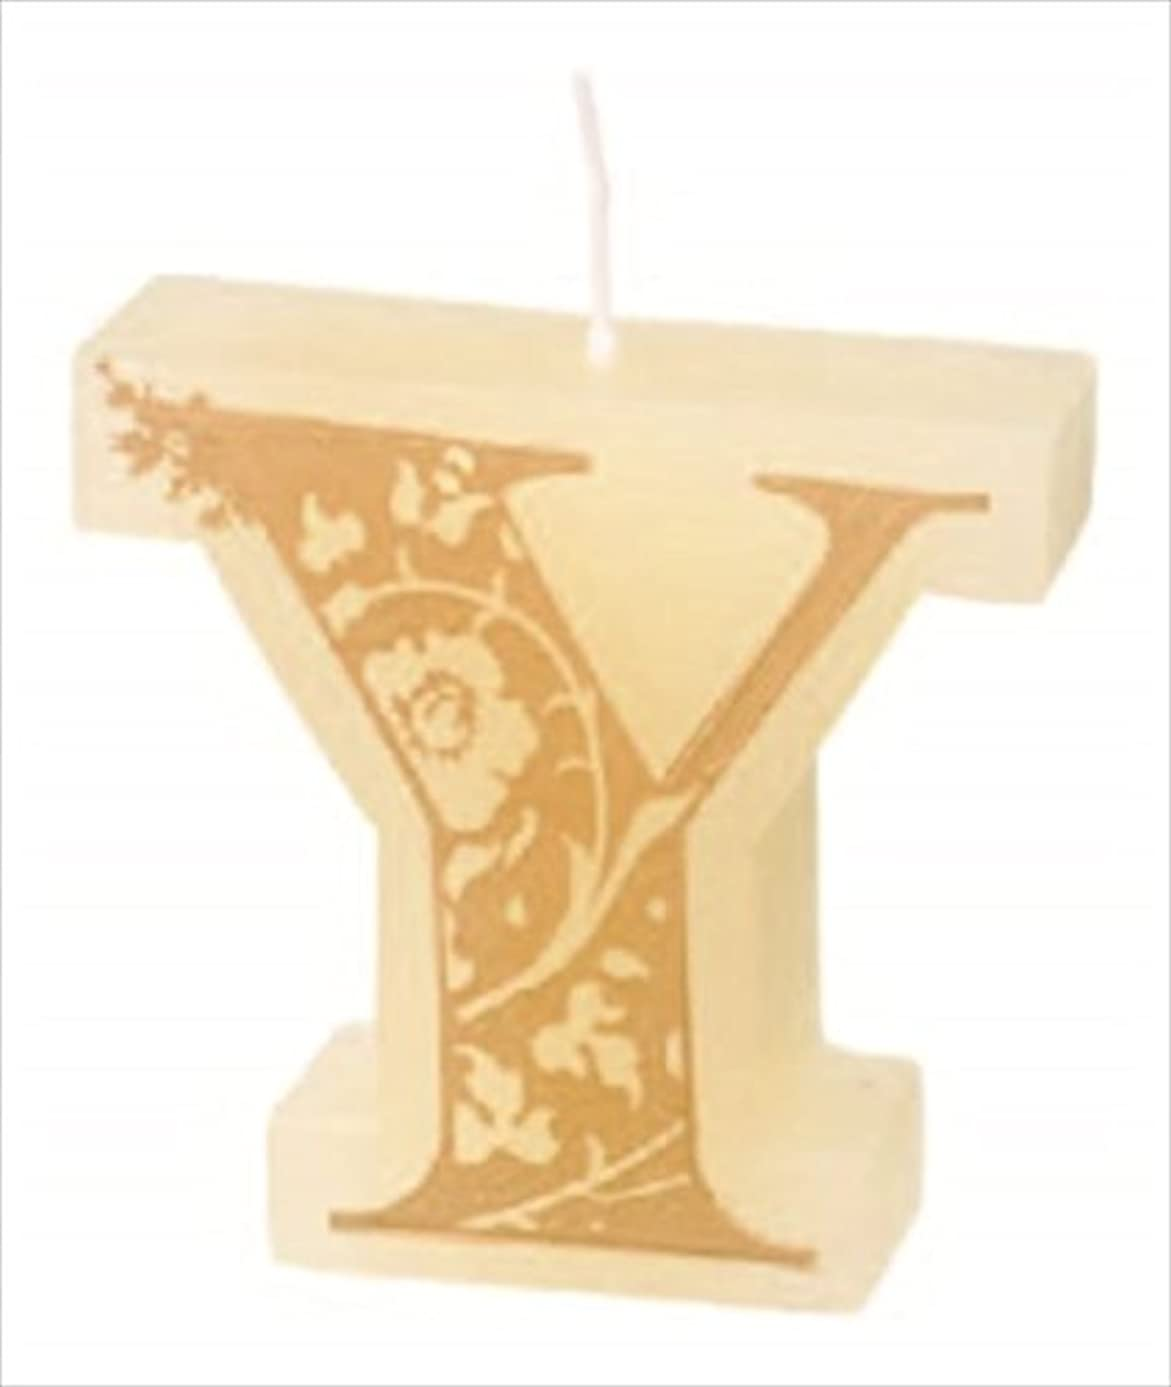 ポーズクルーズ電圧カメヤマキャンドル(kameyama candle) イニシャルキャンドルミニ 「 Y 」